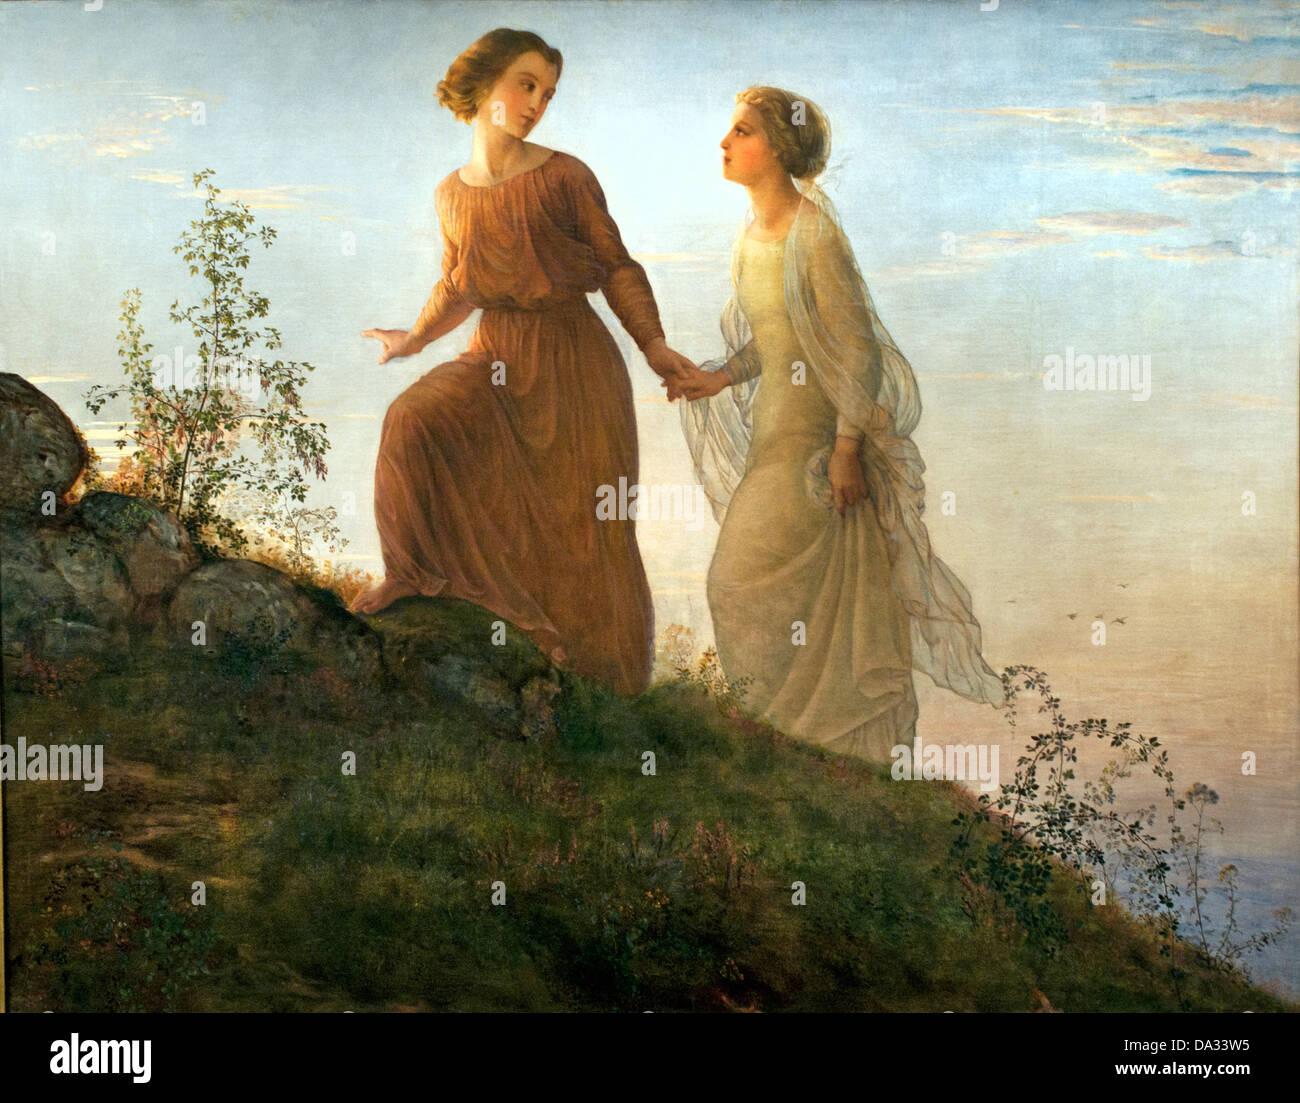 Sur la Montagne - Mountain  - Le poeme de l'ame - The poem of the soul by Louis Janmot 1814-1892 France - Stock Image